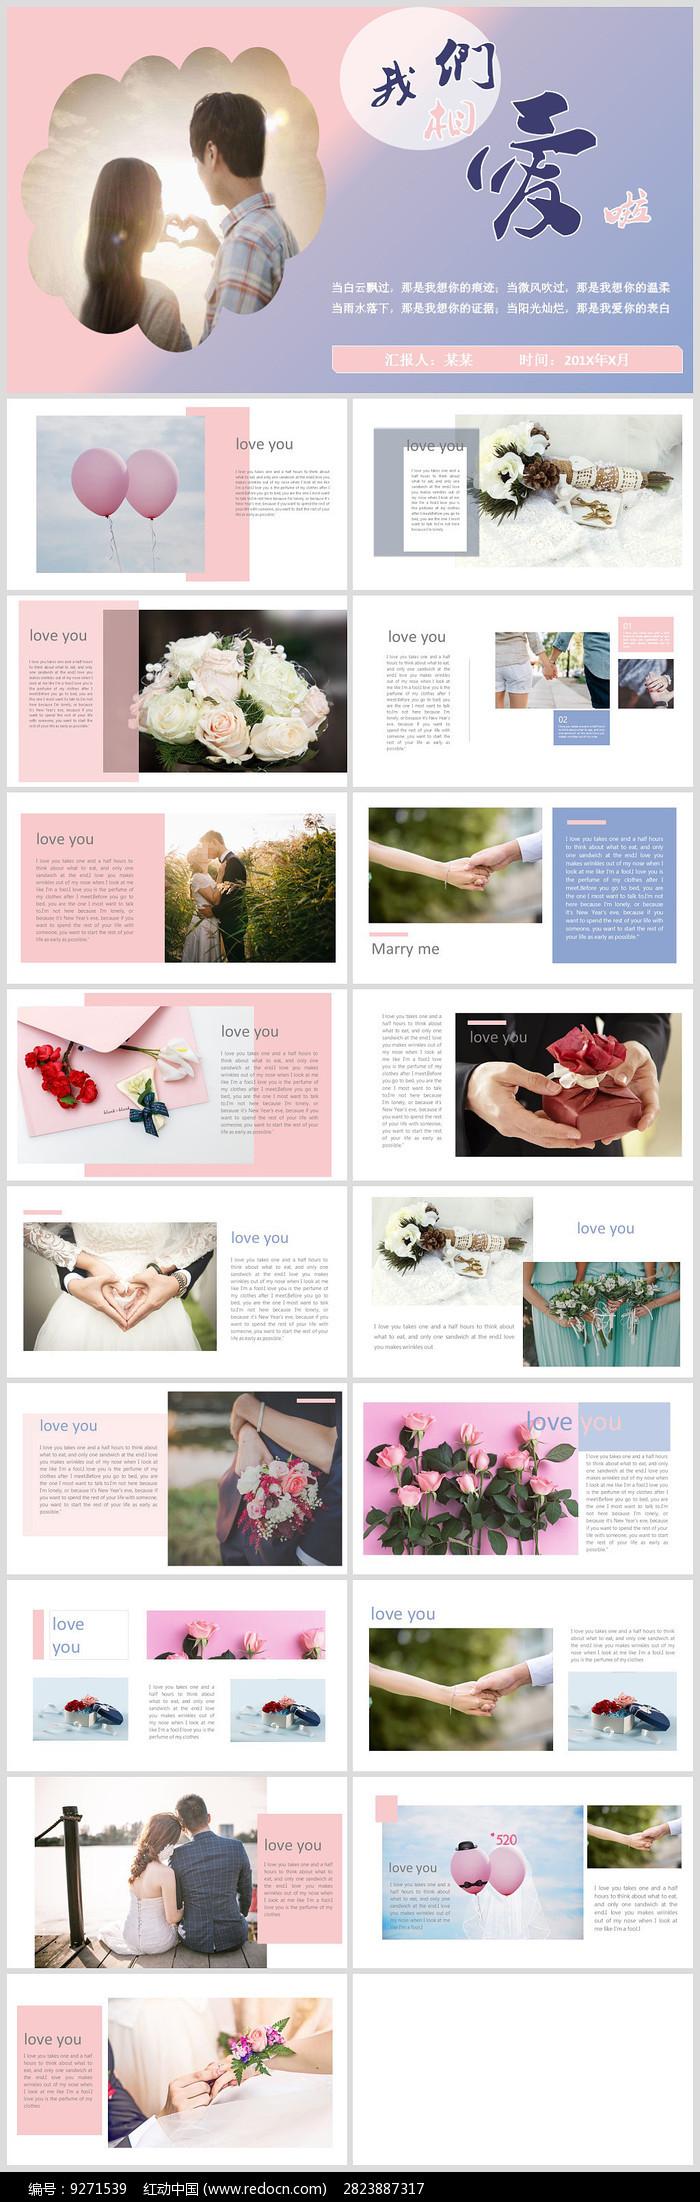 我们相爱啦婚庆相册PPT模板图片